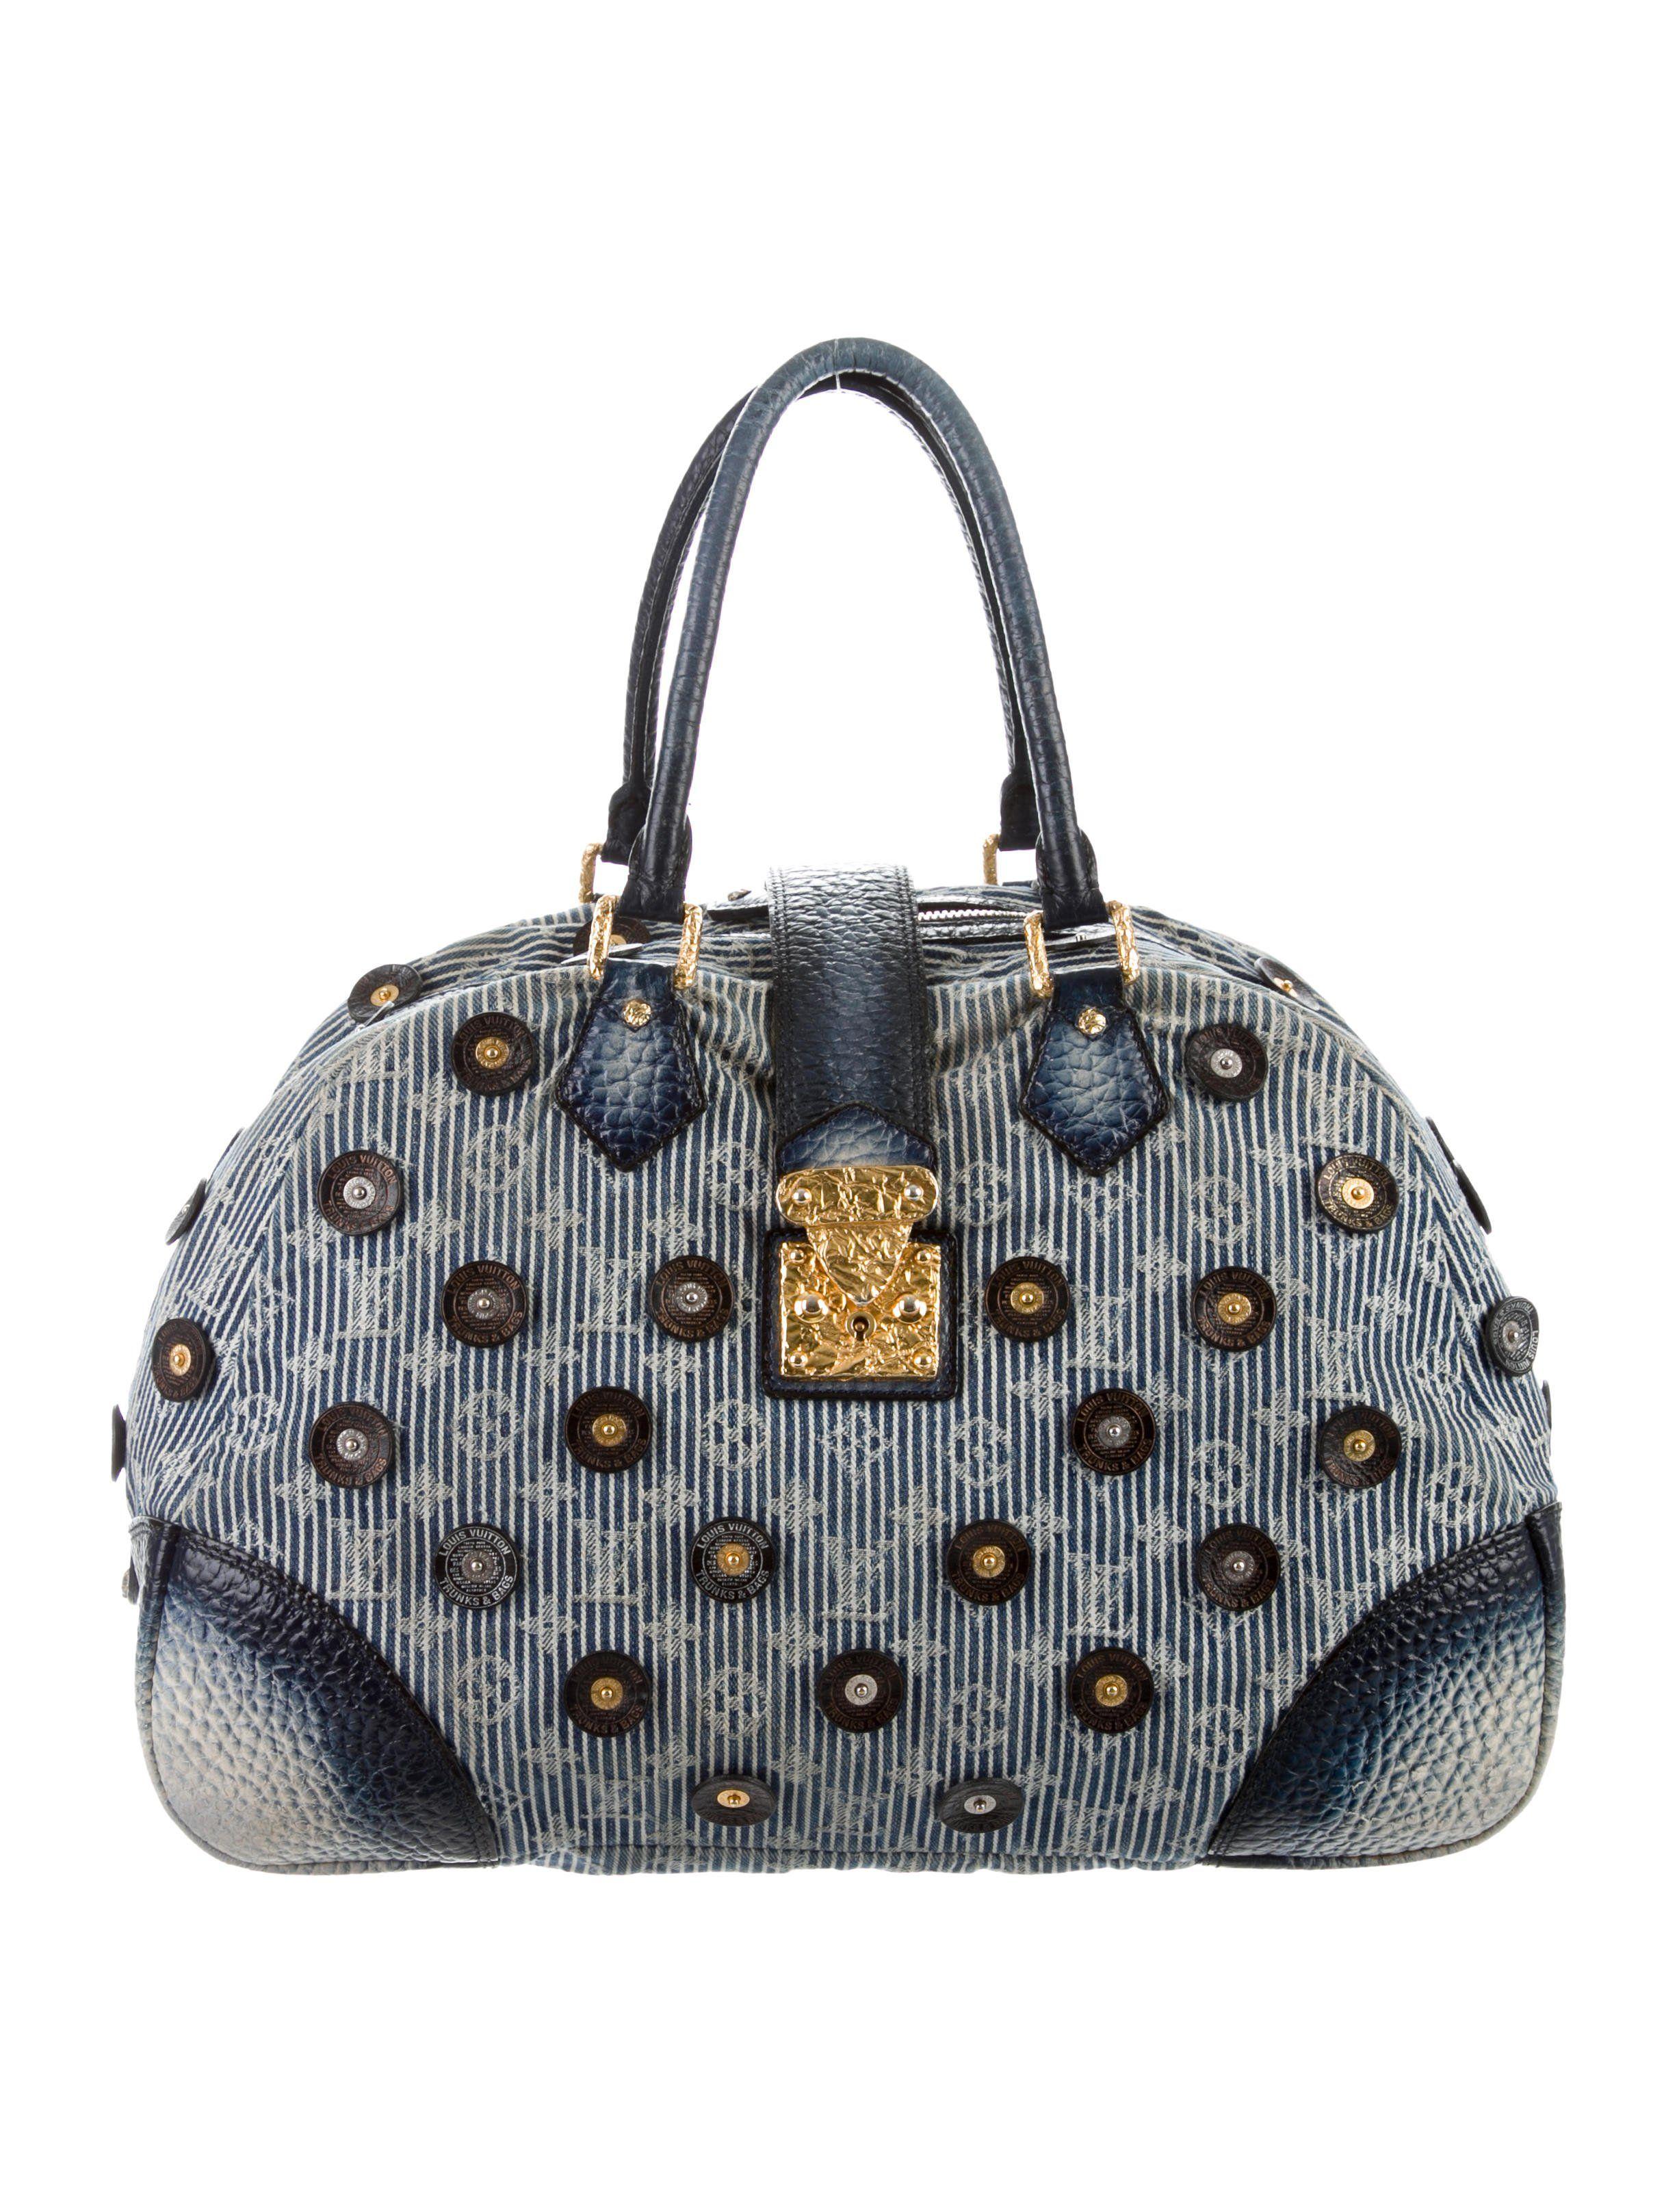 Denim Polka Dot Trunks Bowly Bag | Bags, Denim polka dot